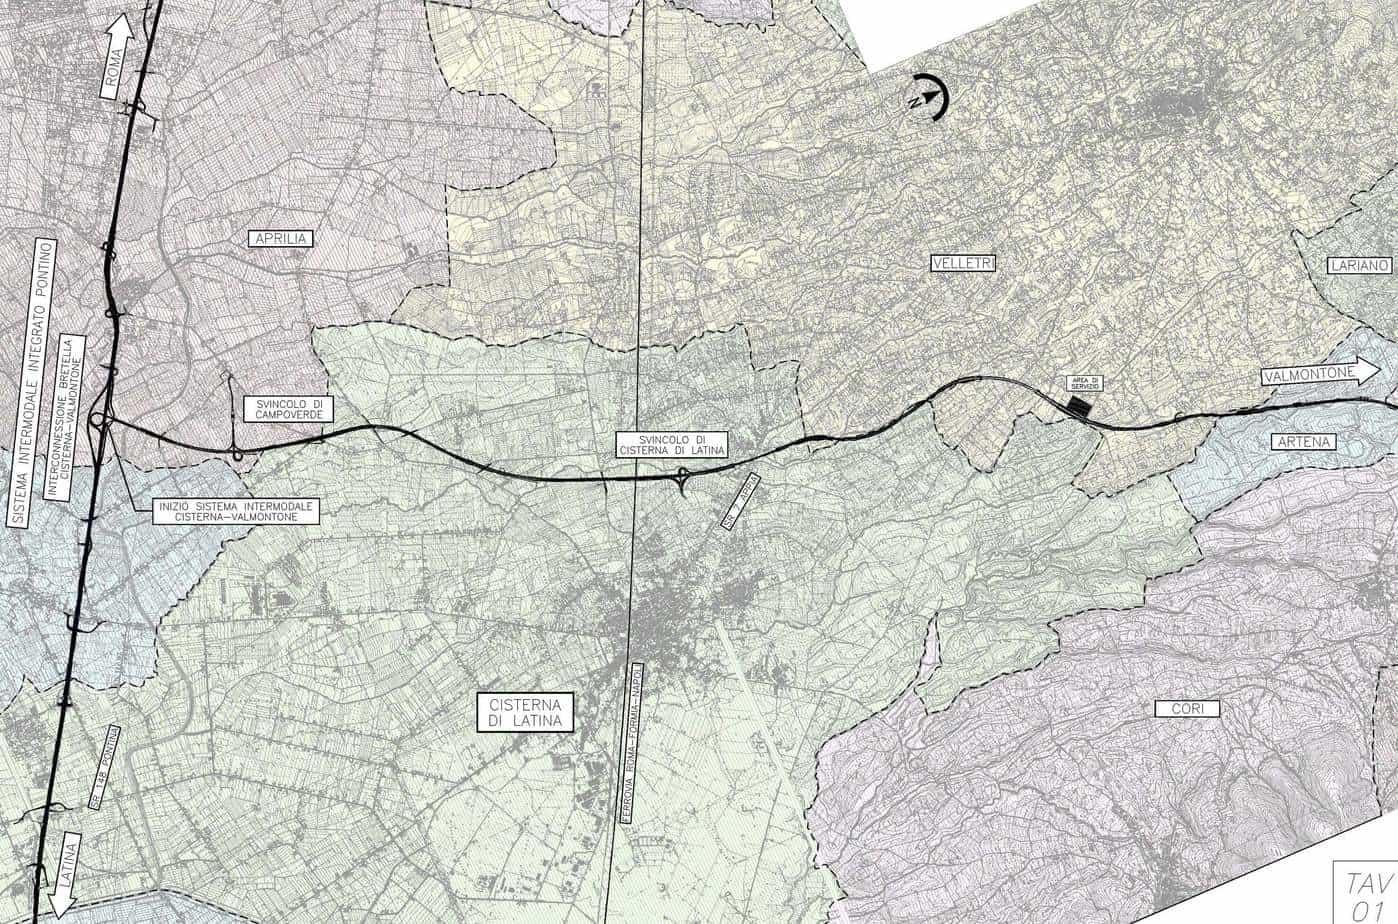 Il tracciato dettagliato della Cisterna-Valmontone